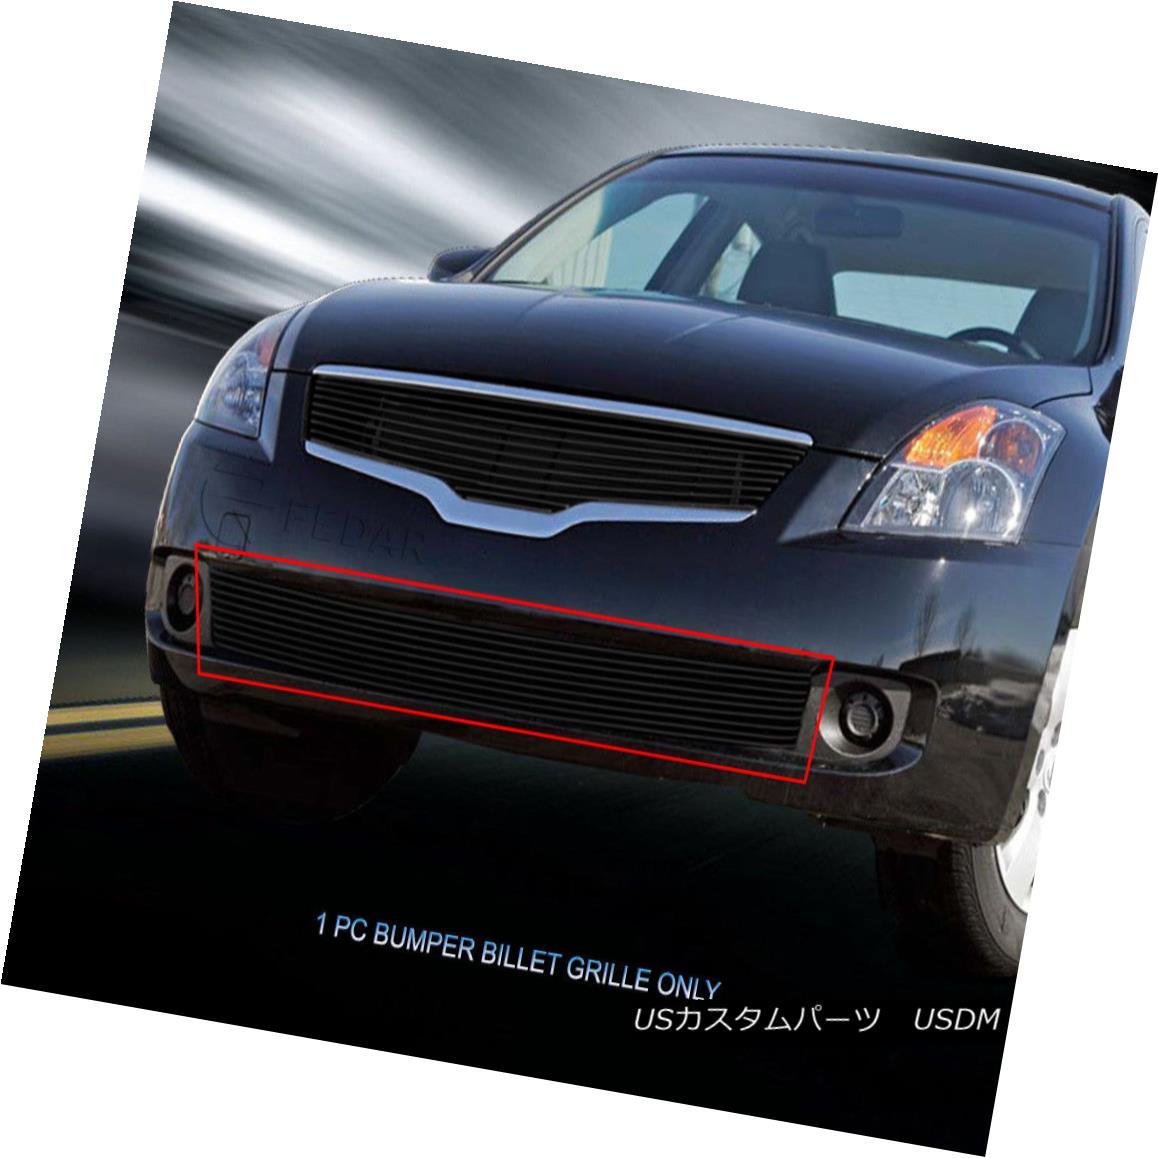 グリル Fits 07-09 Nissan Altima Black Billet Grille Grill Bumper Insert Fedar フィット07-09日産アルティマブラックビレットグリルグリルバンパーインサートFedar